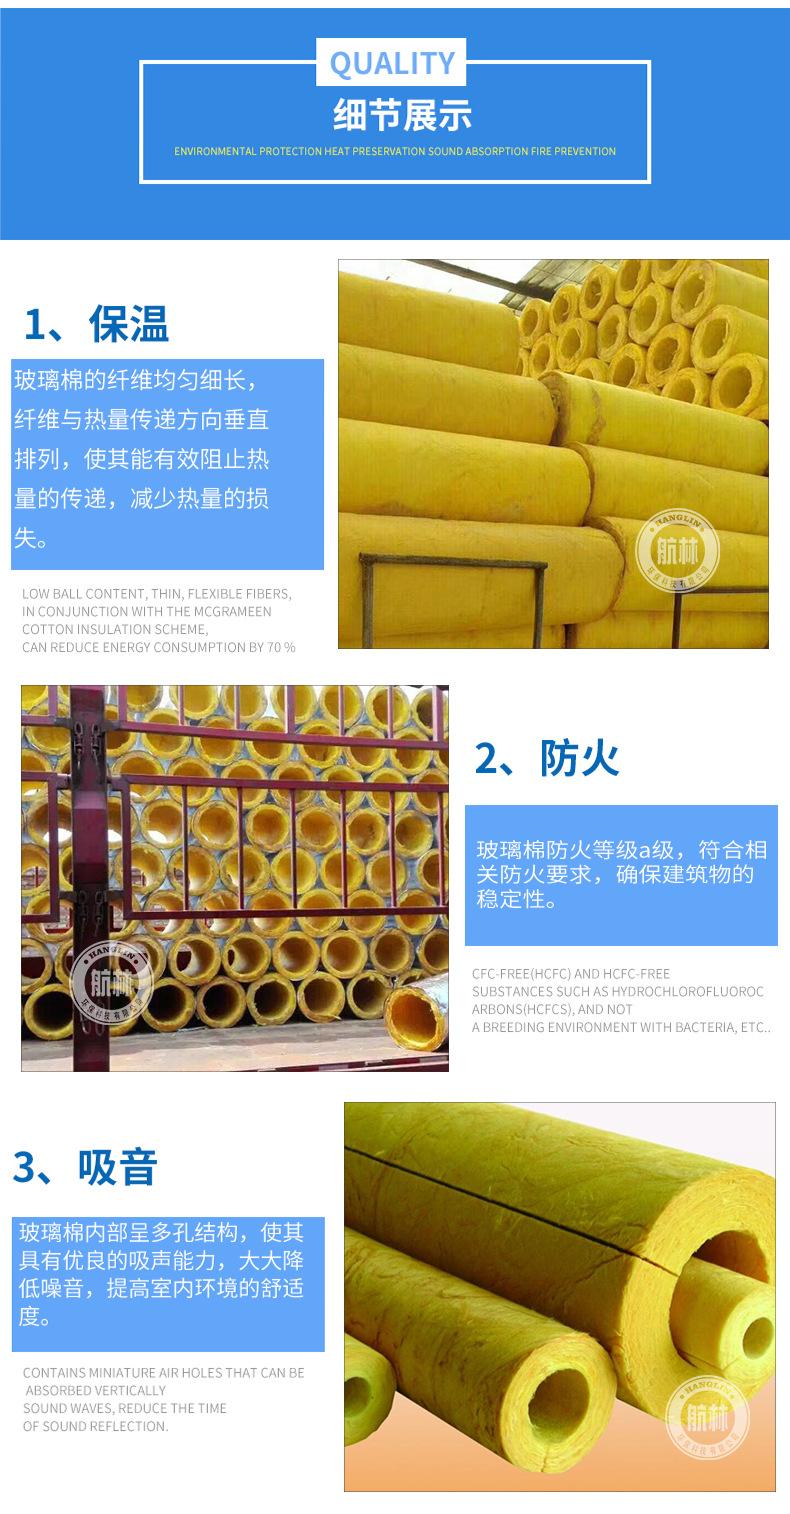 厂家直销 贴箔A1级玻璃棉管 管道保温玻璃棉管壳 一米多少钱示例图7